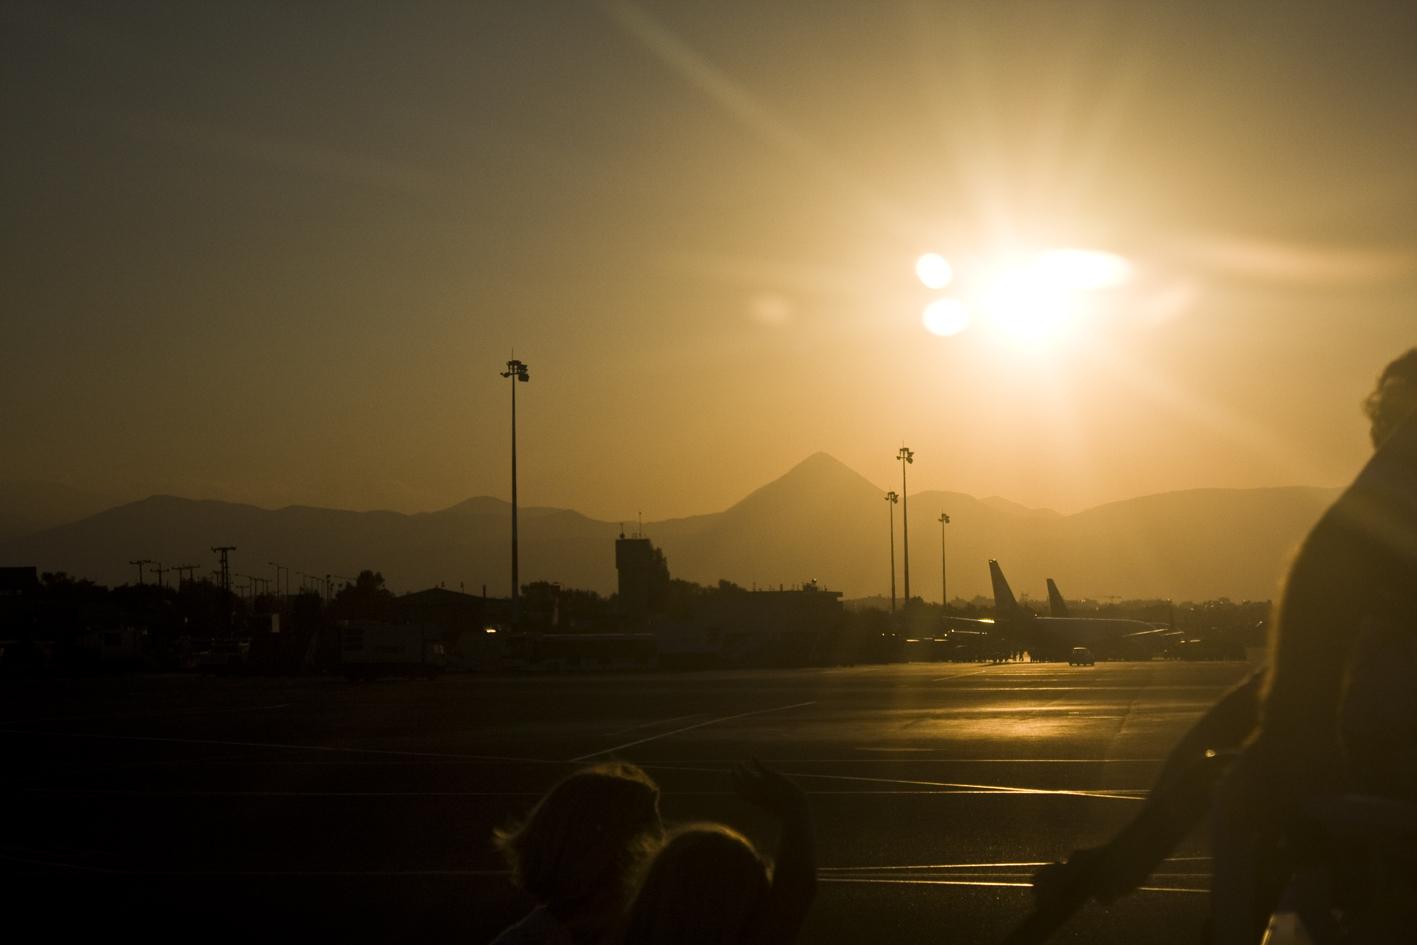 Kreta 2010 ~Sonnenuntergang am Flughafen~